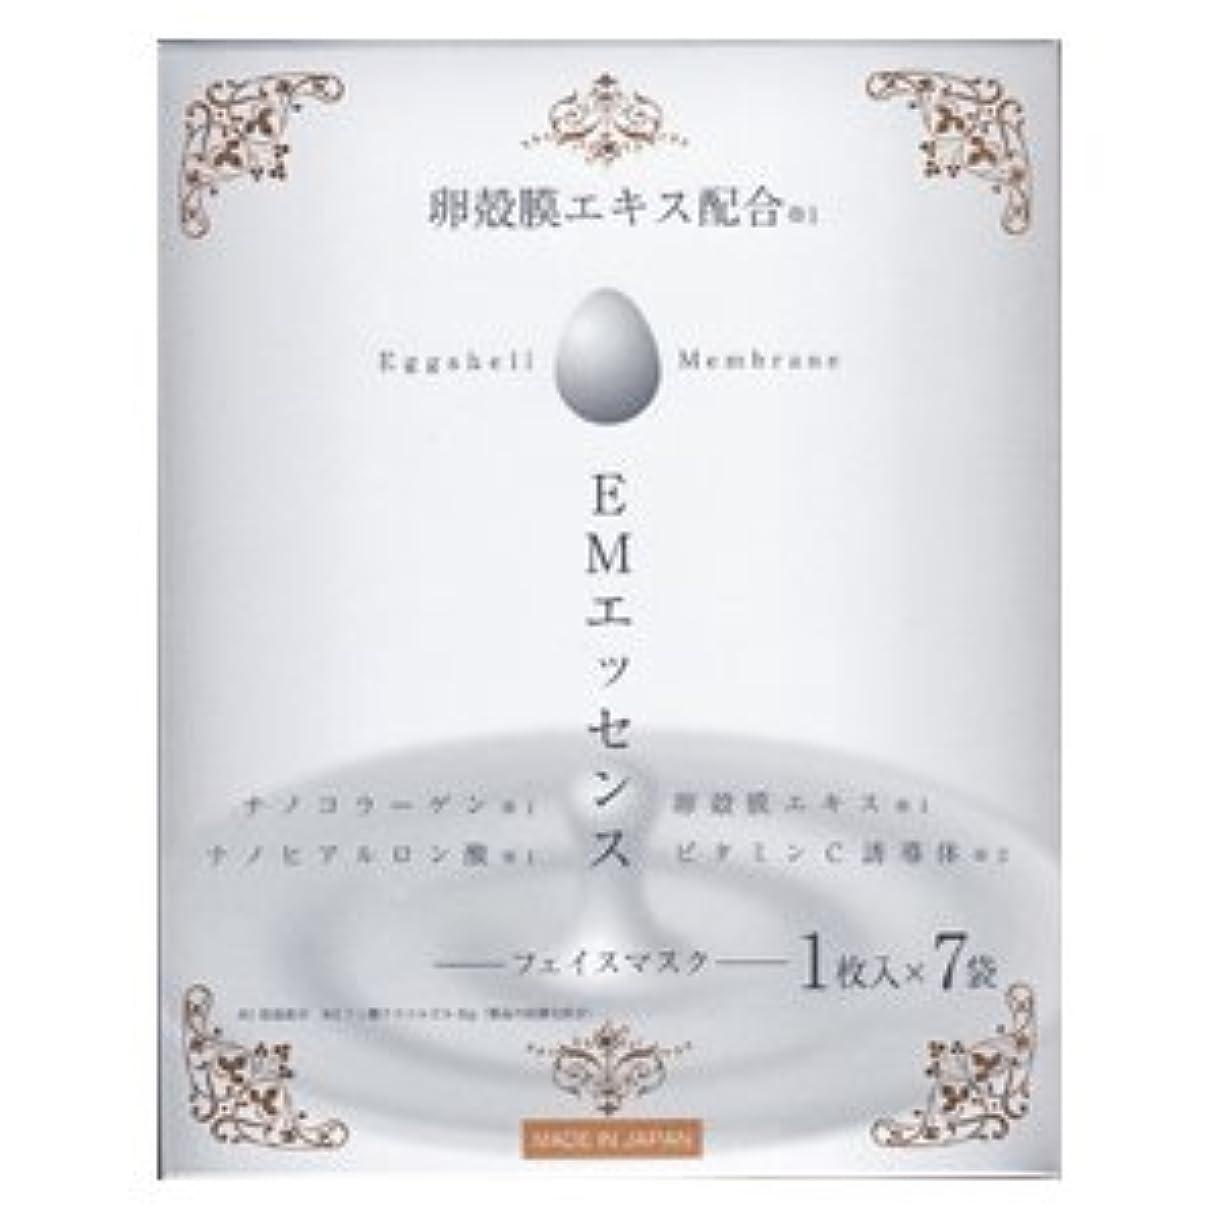 マーカー前提要塞卵殻膜エキス配合 EMエッセンス フェイスマスク 1枚入×7袋